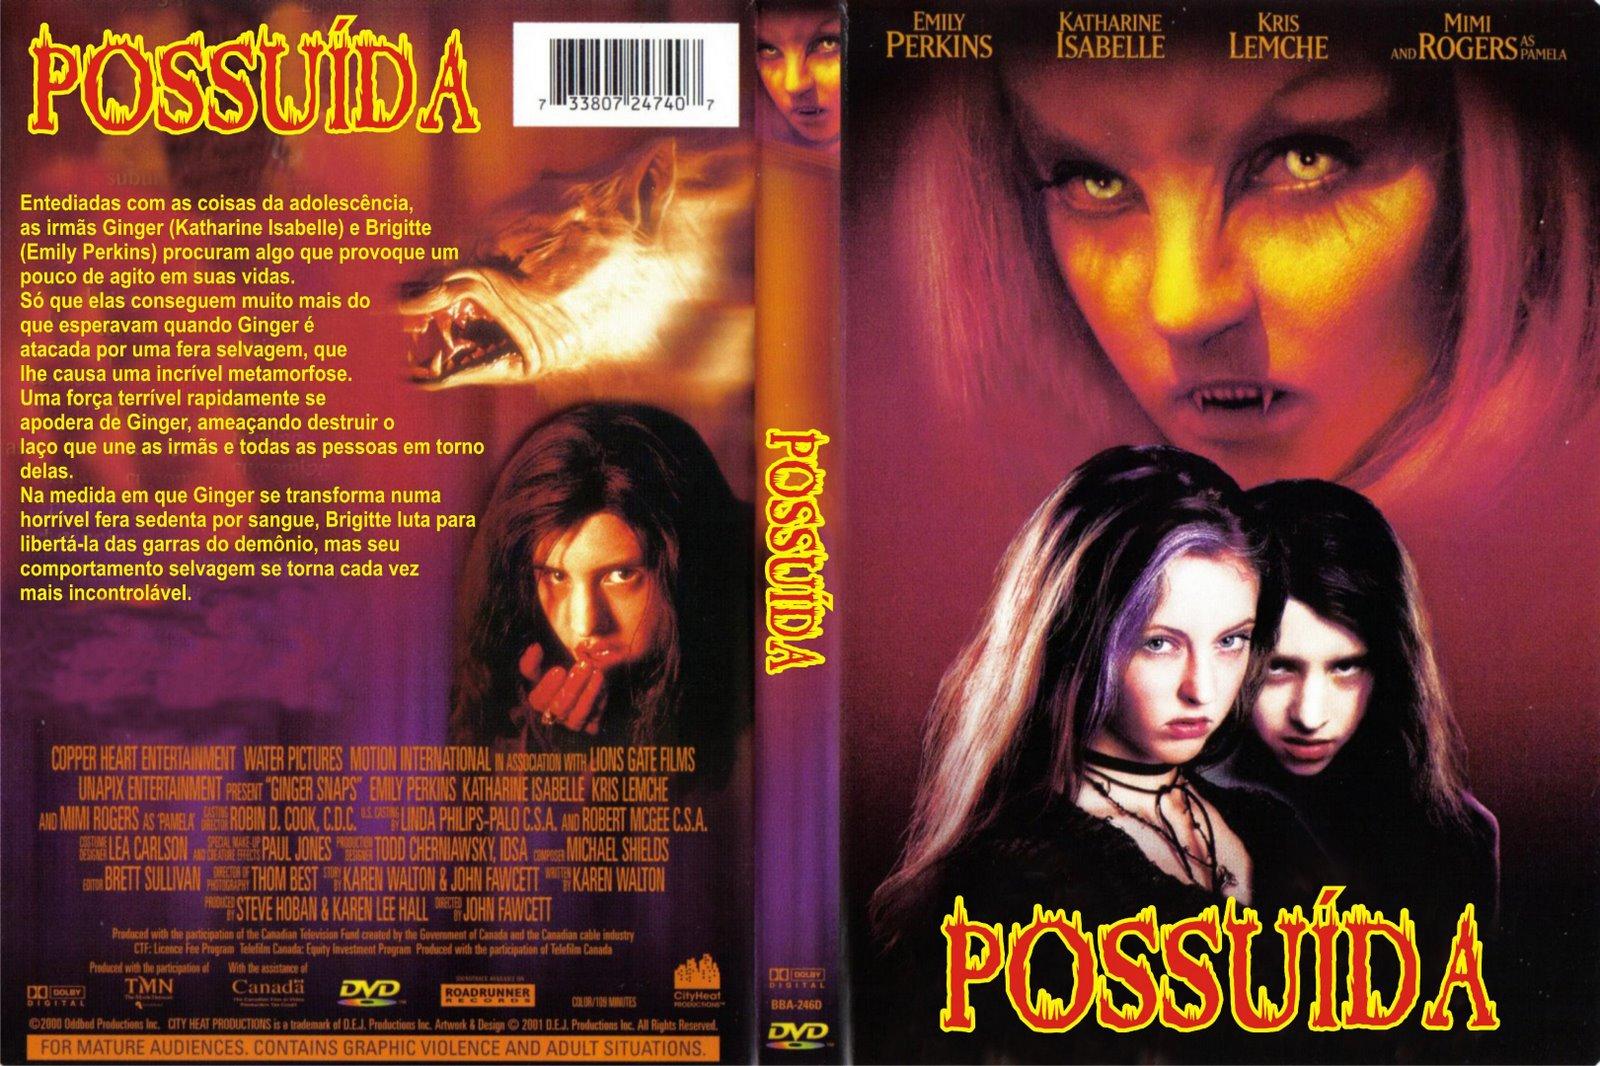 POSSUIDA BAIXAR DUBLADO FILME 2